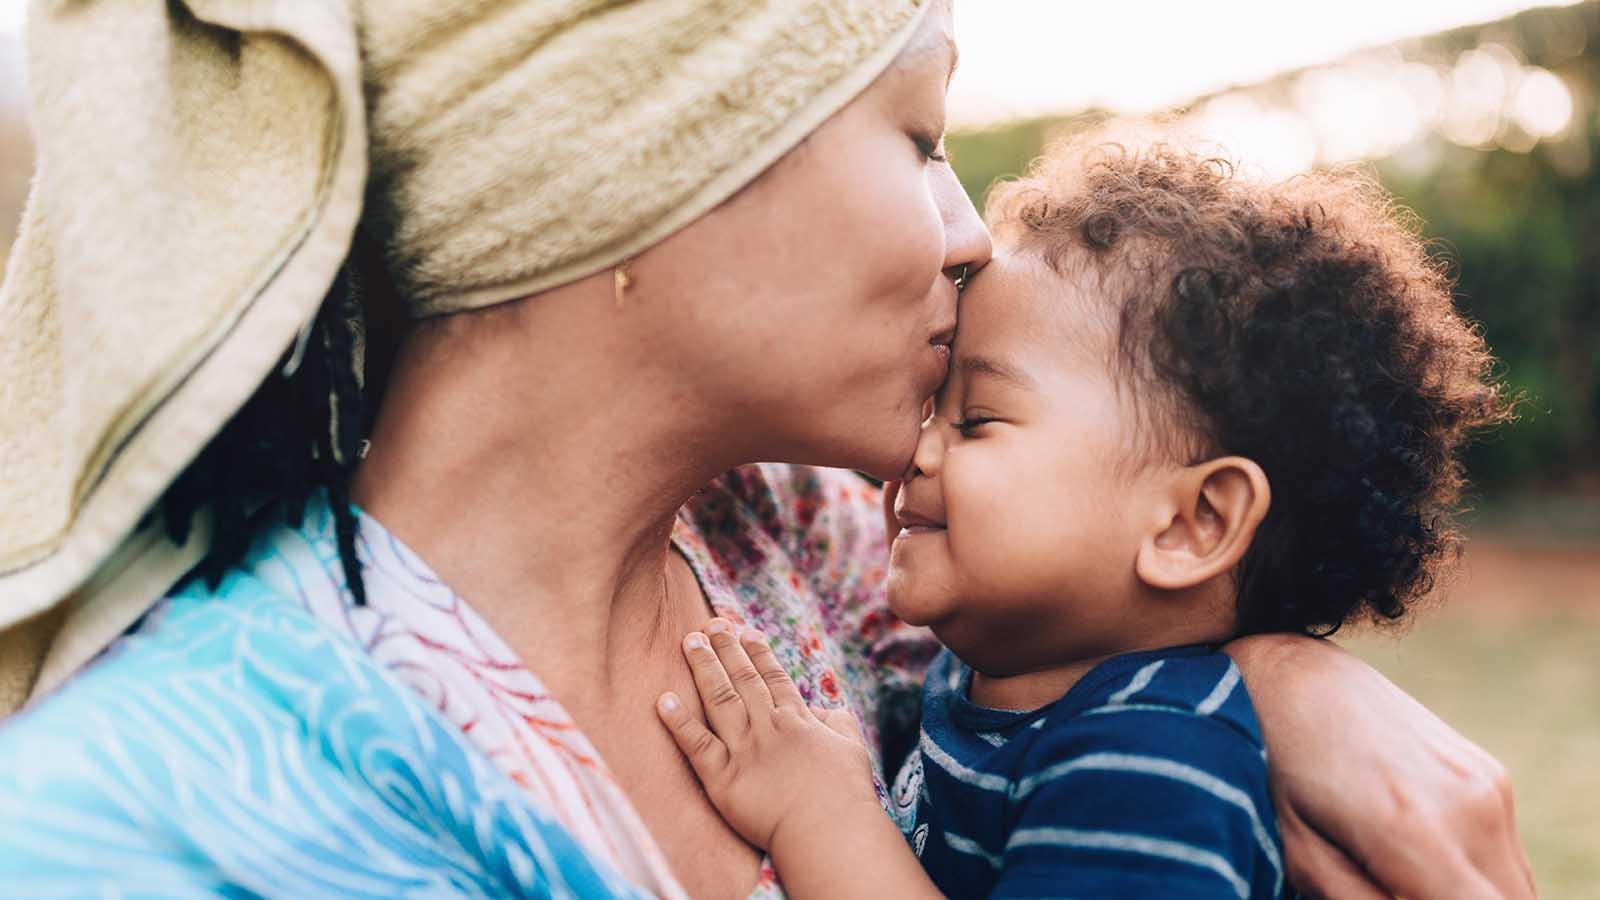 Mutter mit ihrem Kind, das mithilfe von Spendersamen gezeugt wurde